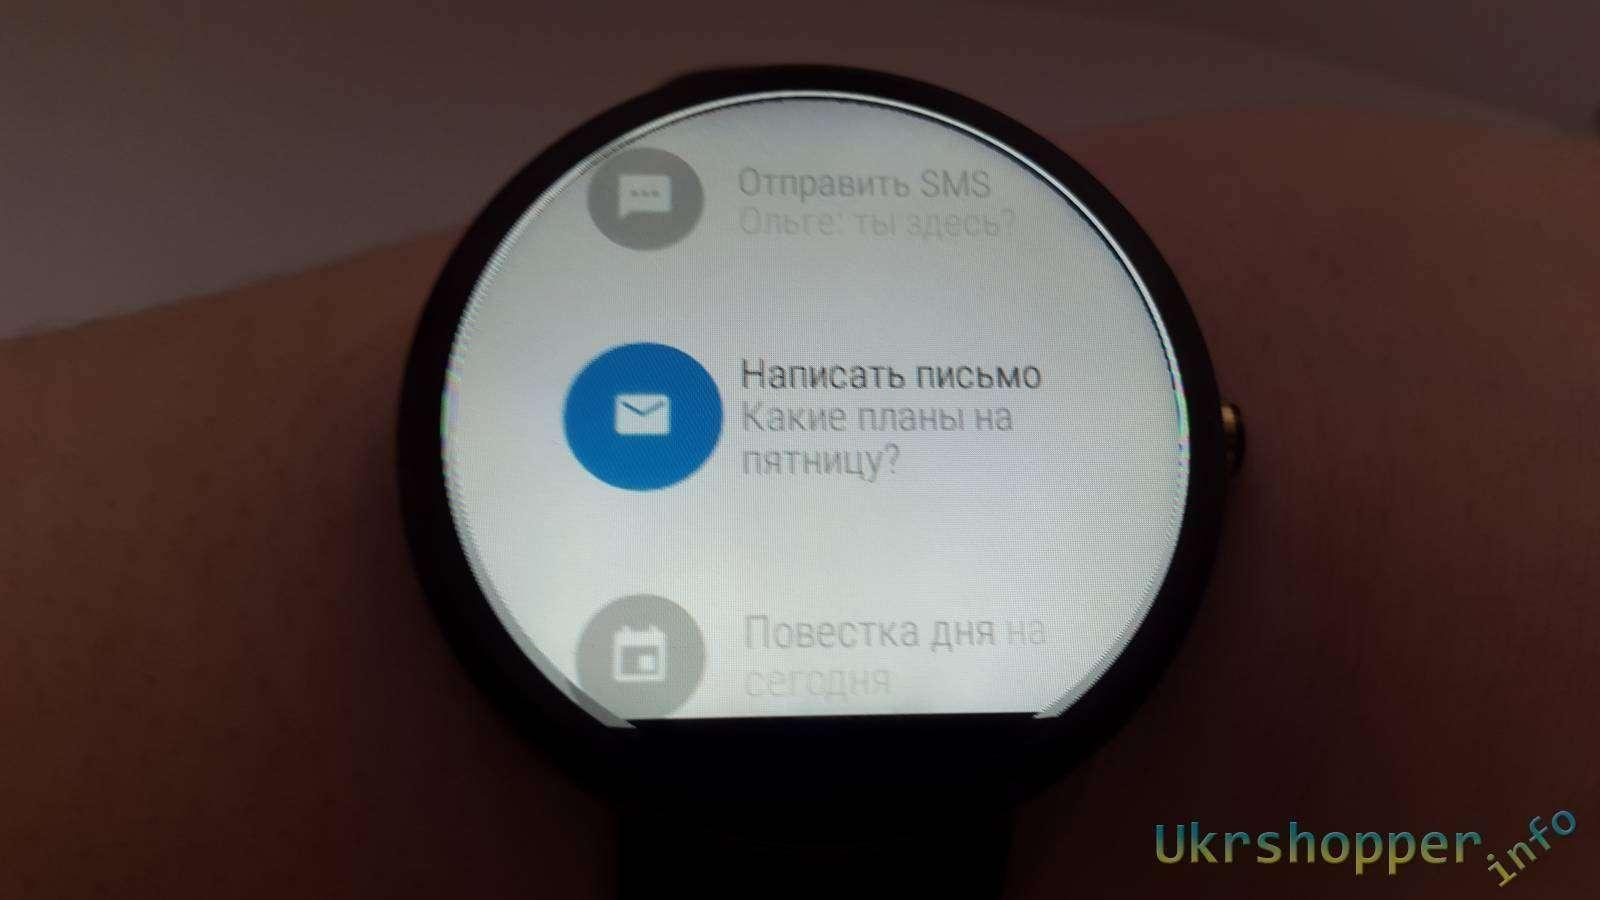 Другие - Украина: Moto 360 Умные часы на Android